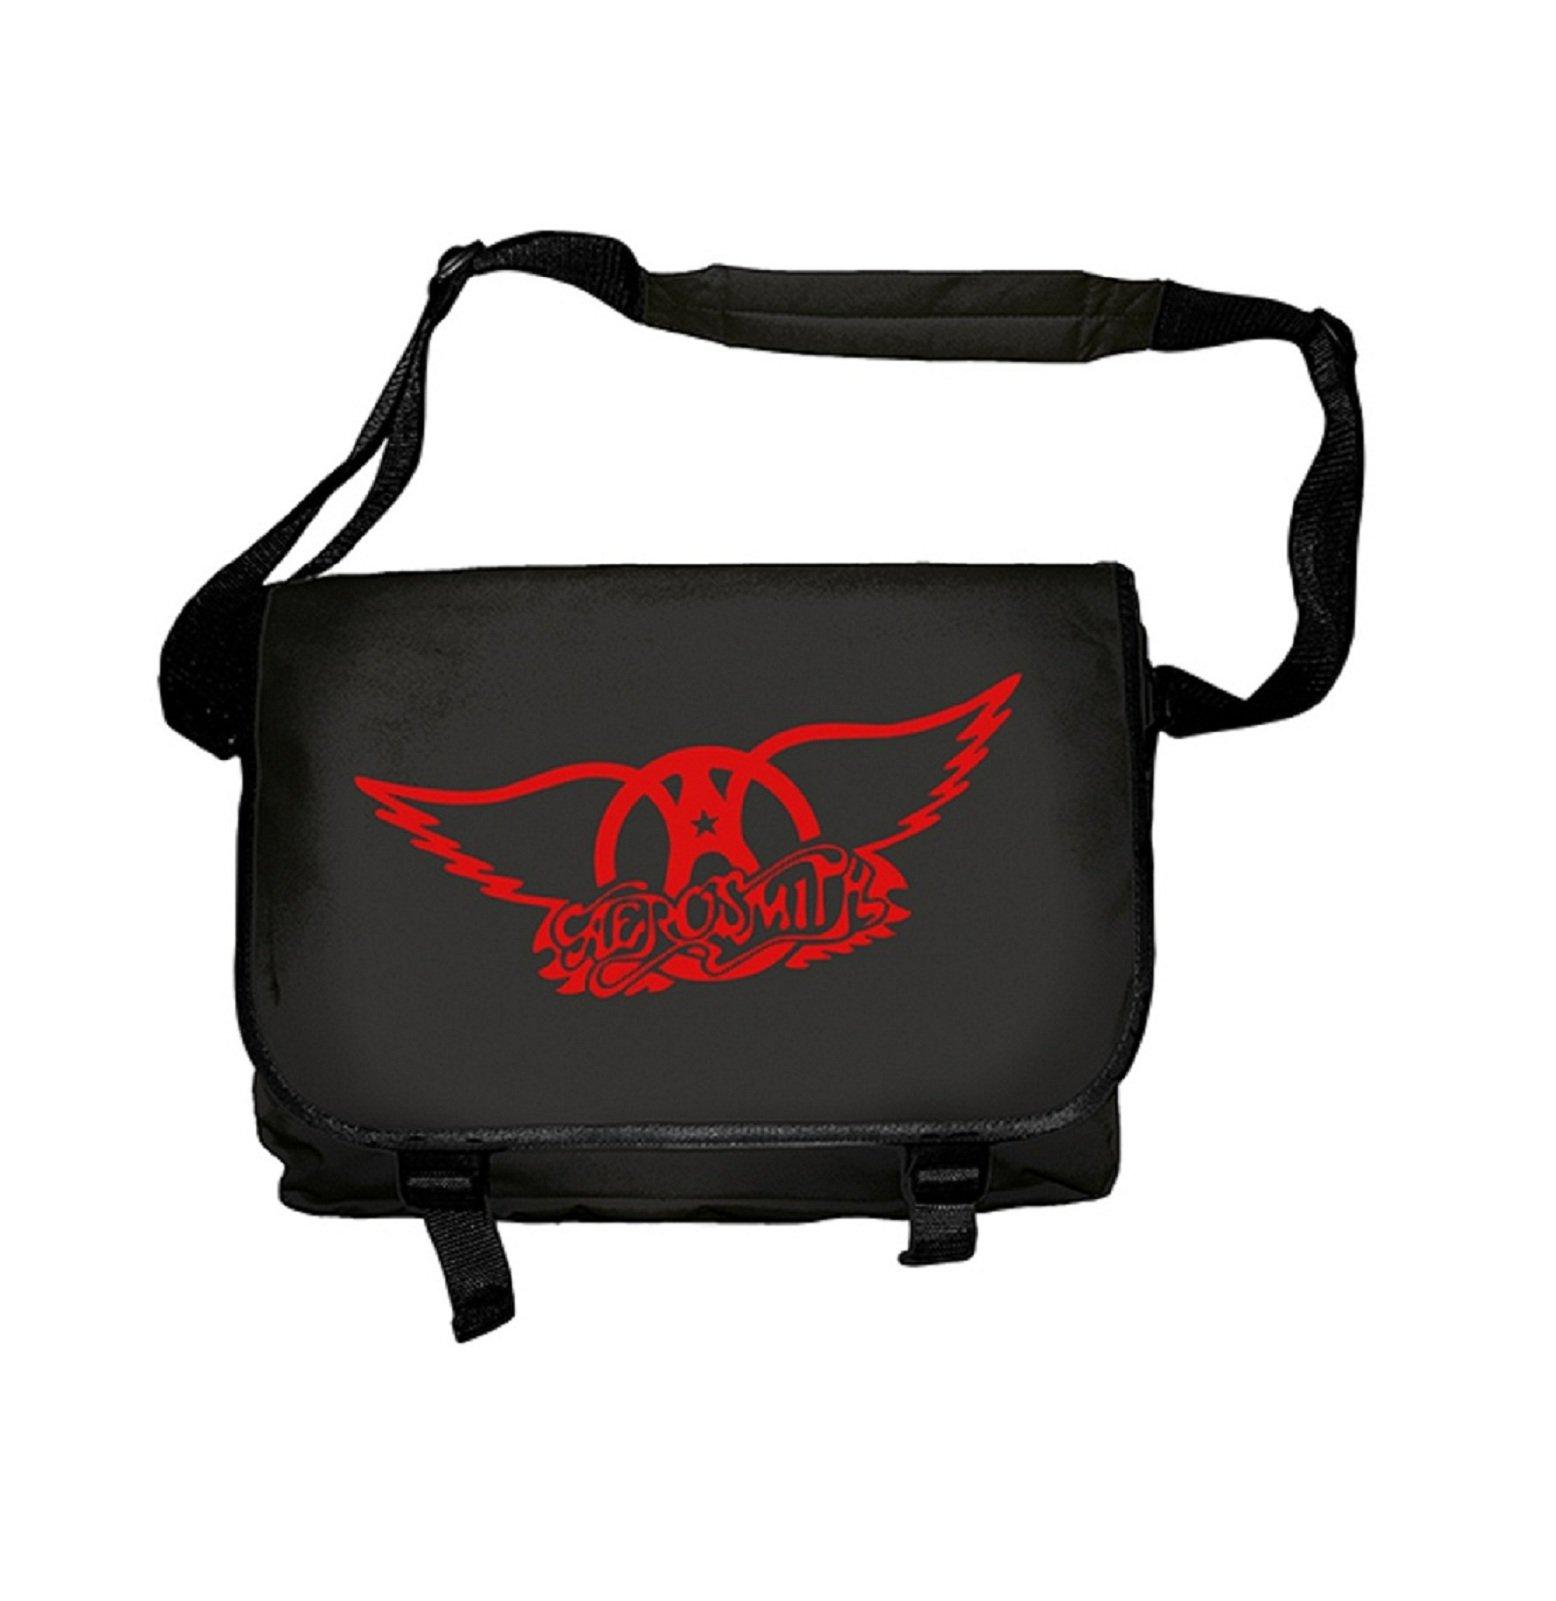 Aerosmith Classic Logo Official Black Messenger Bag